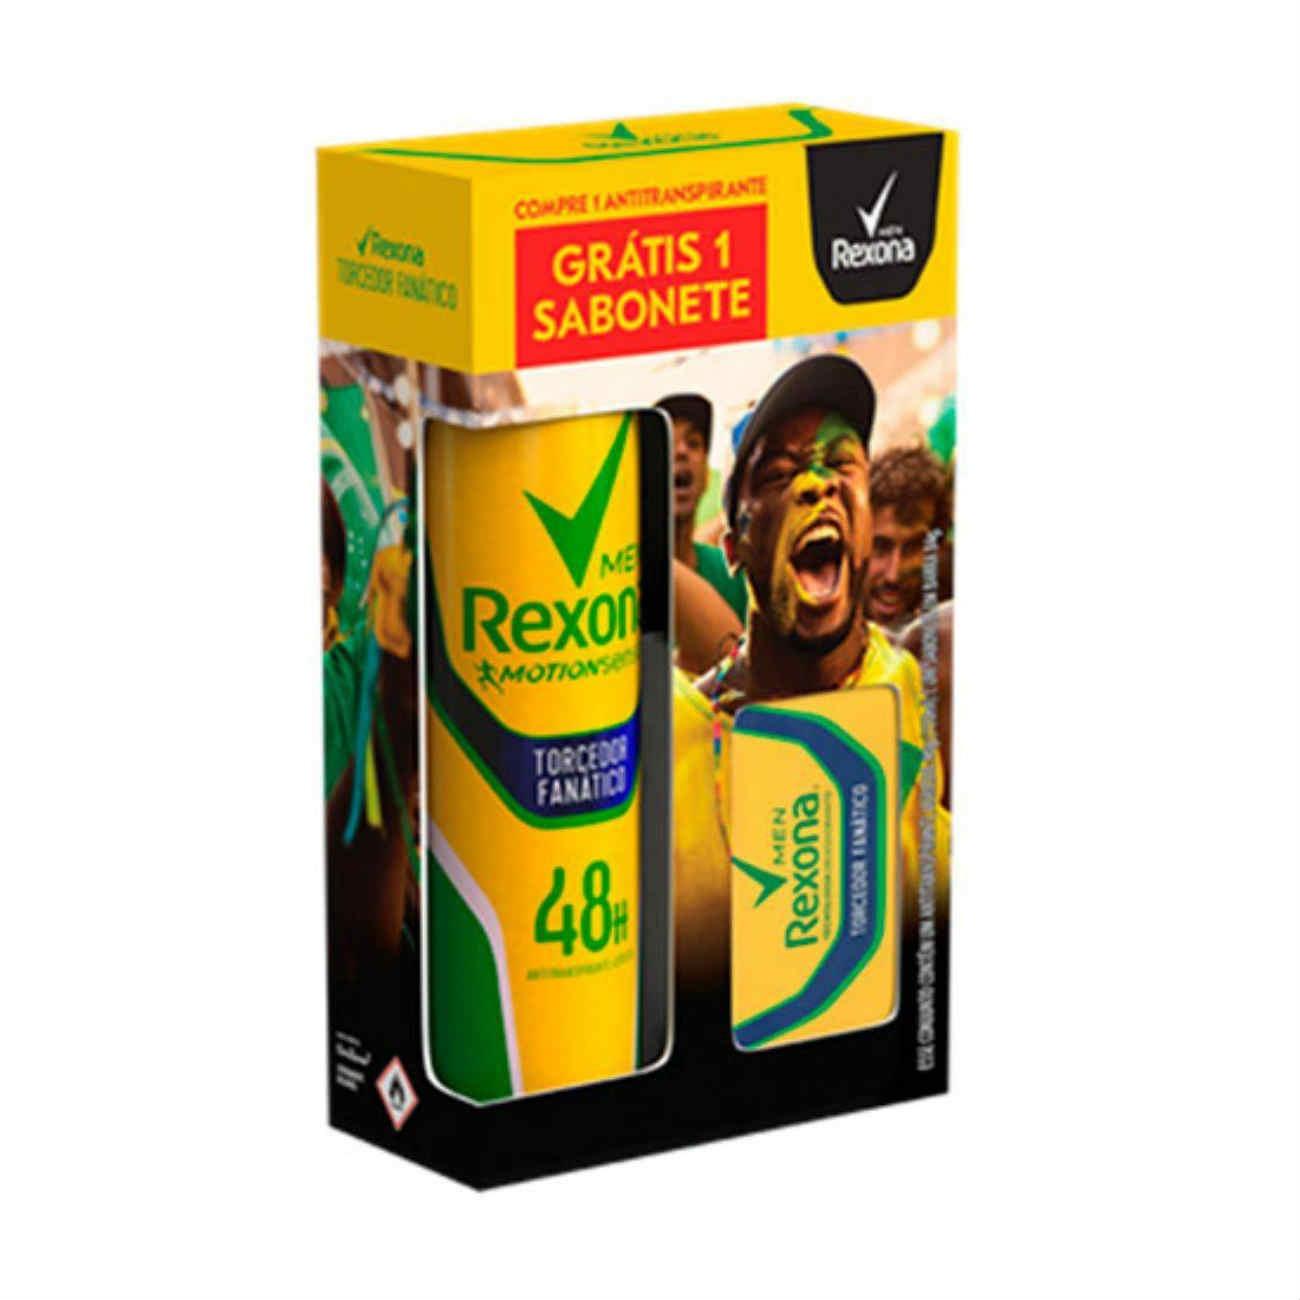 Oferta Rexona Sabonete 84g + Desodorante Torcedor Fanático 150ml